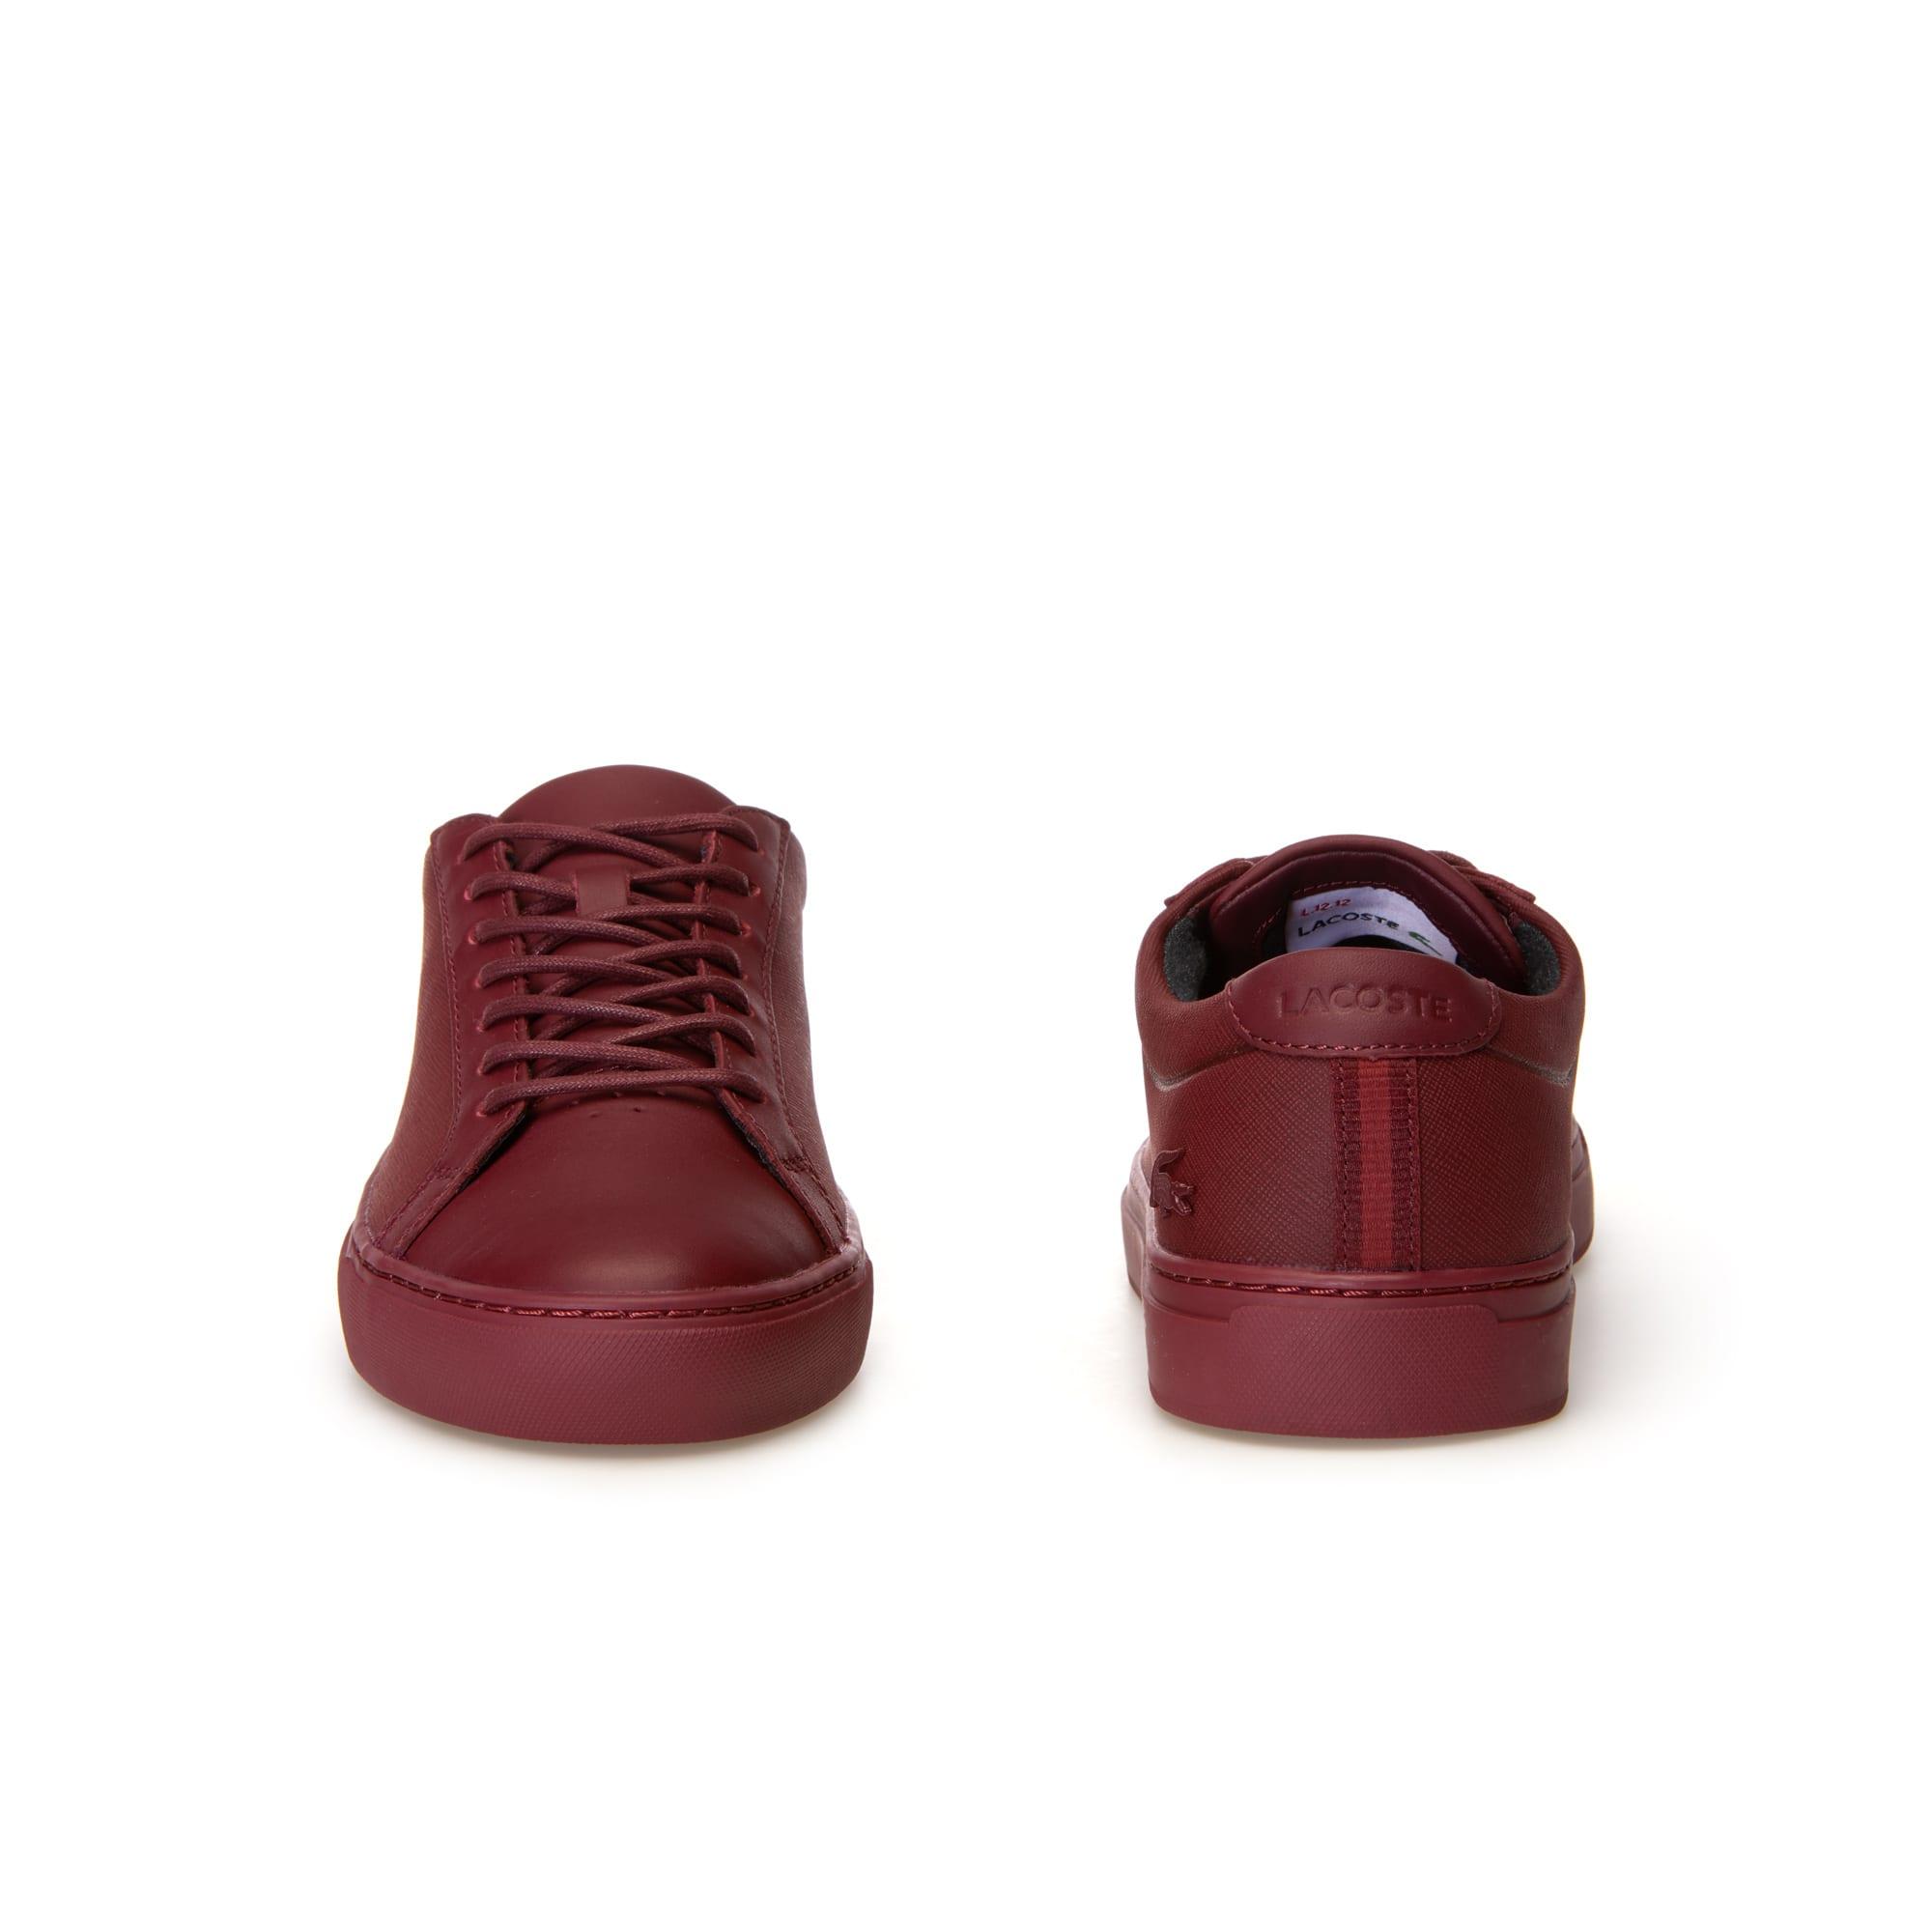 Lacoste - Sneakers L.12.12 homme en cuir de qualité supérieure - 5